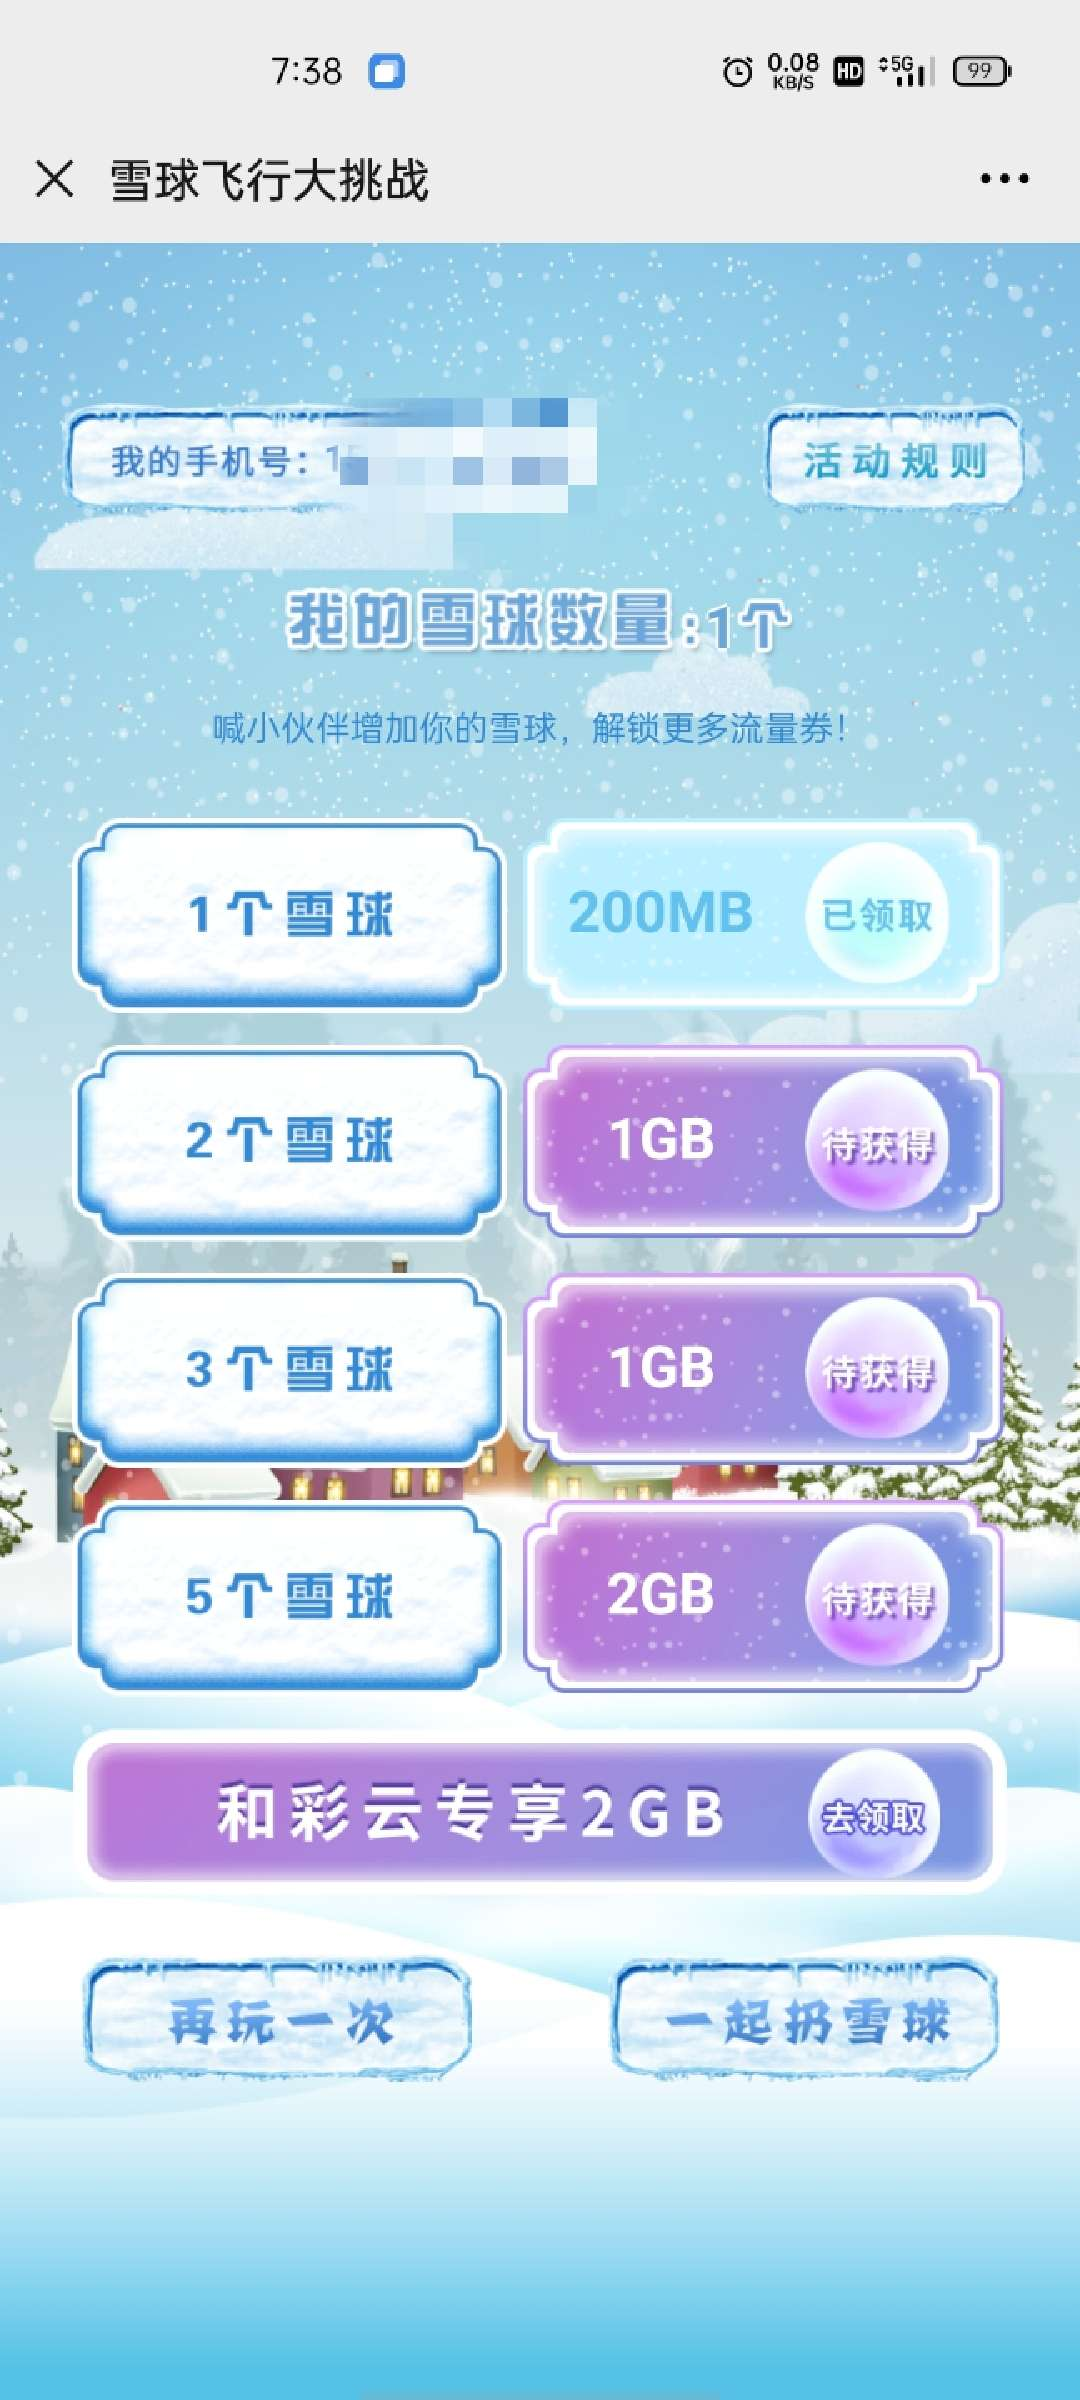 图片[1]-免费领取流量, 中国移动-飞享资源网